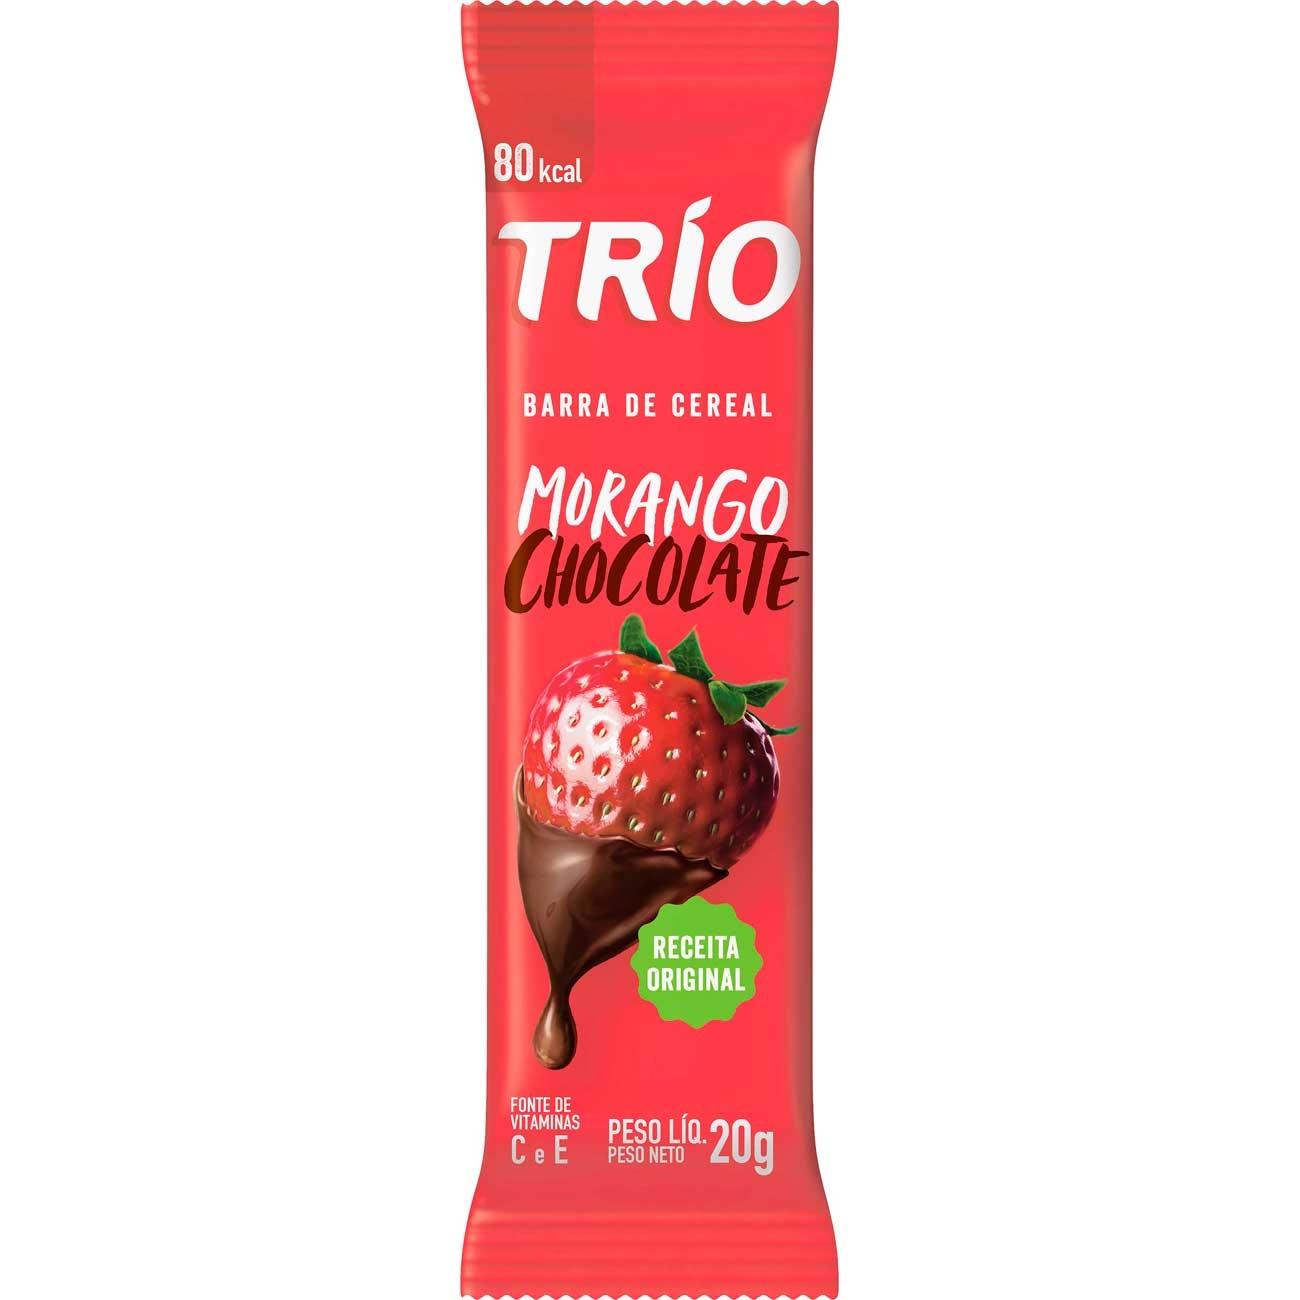 Barra De Cereais Trio Morango E Chantilly 20g | Caixa com 12 unidades